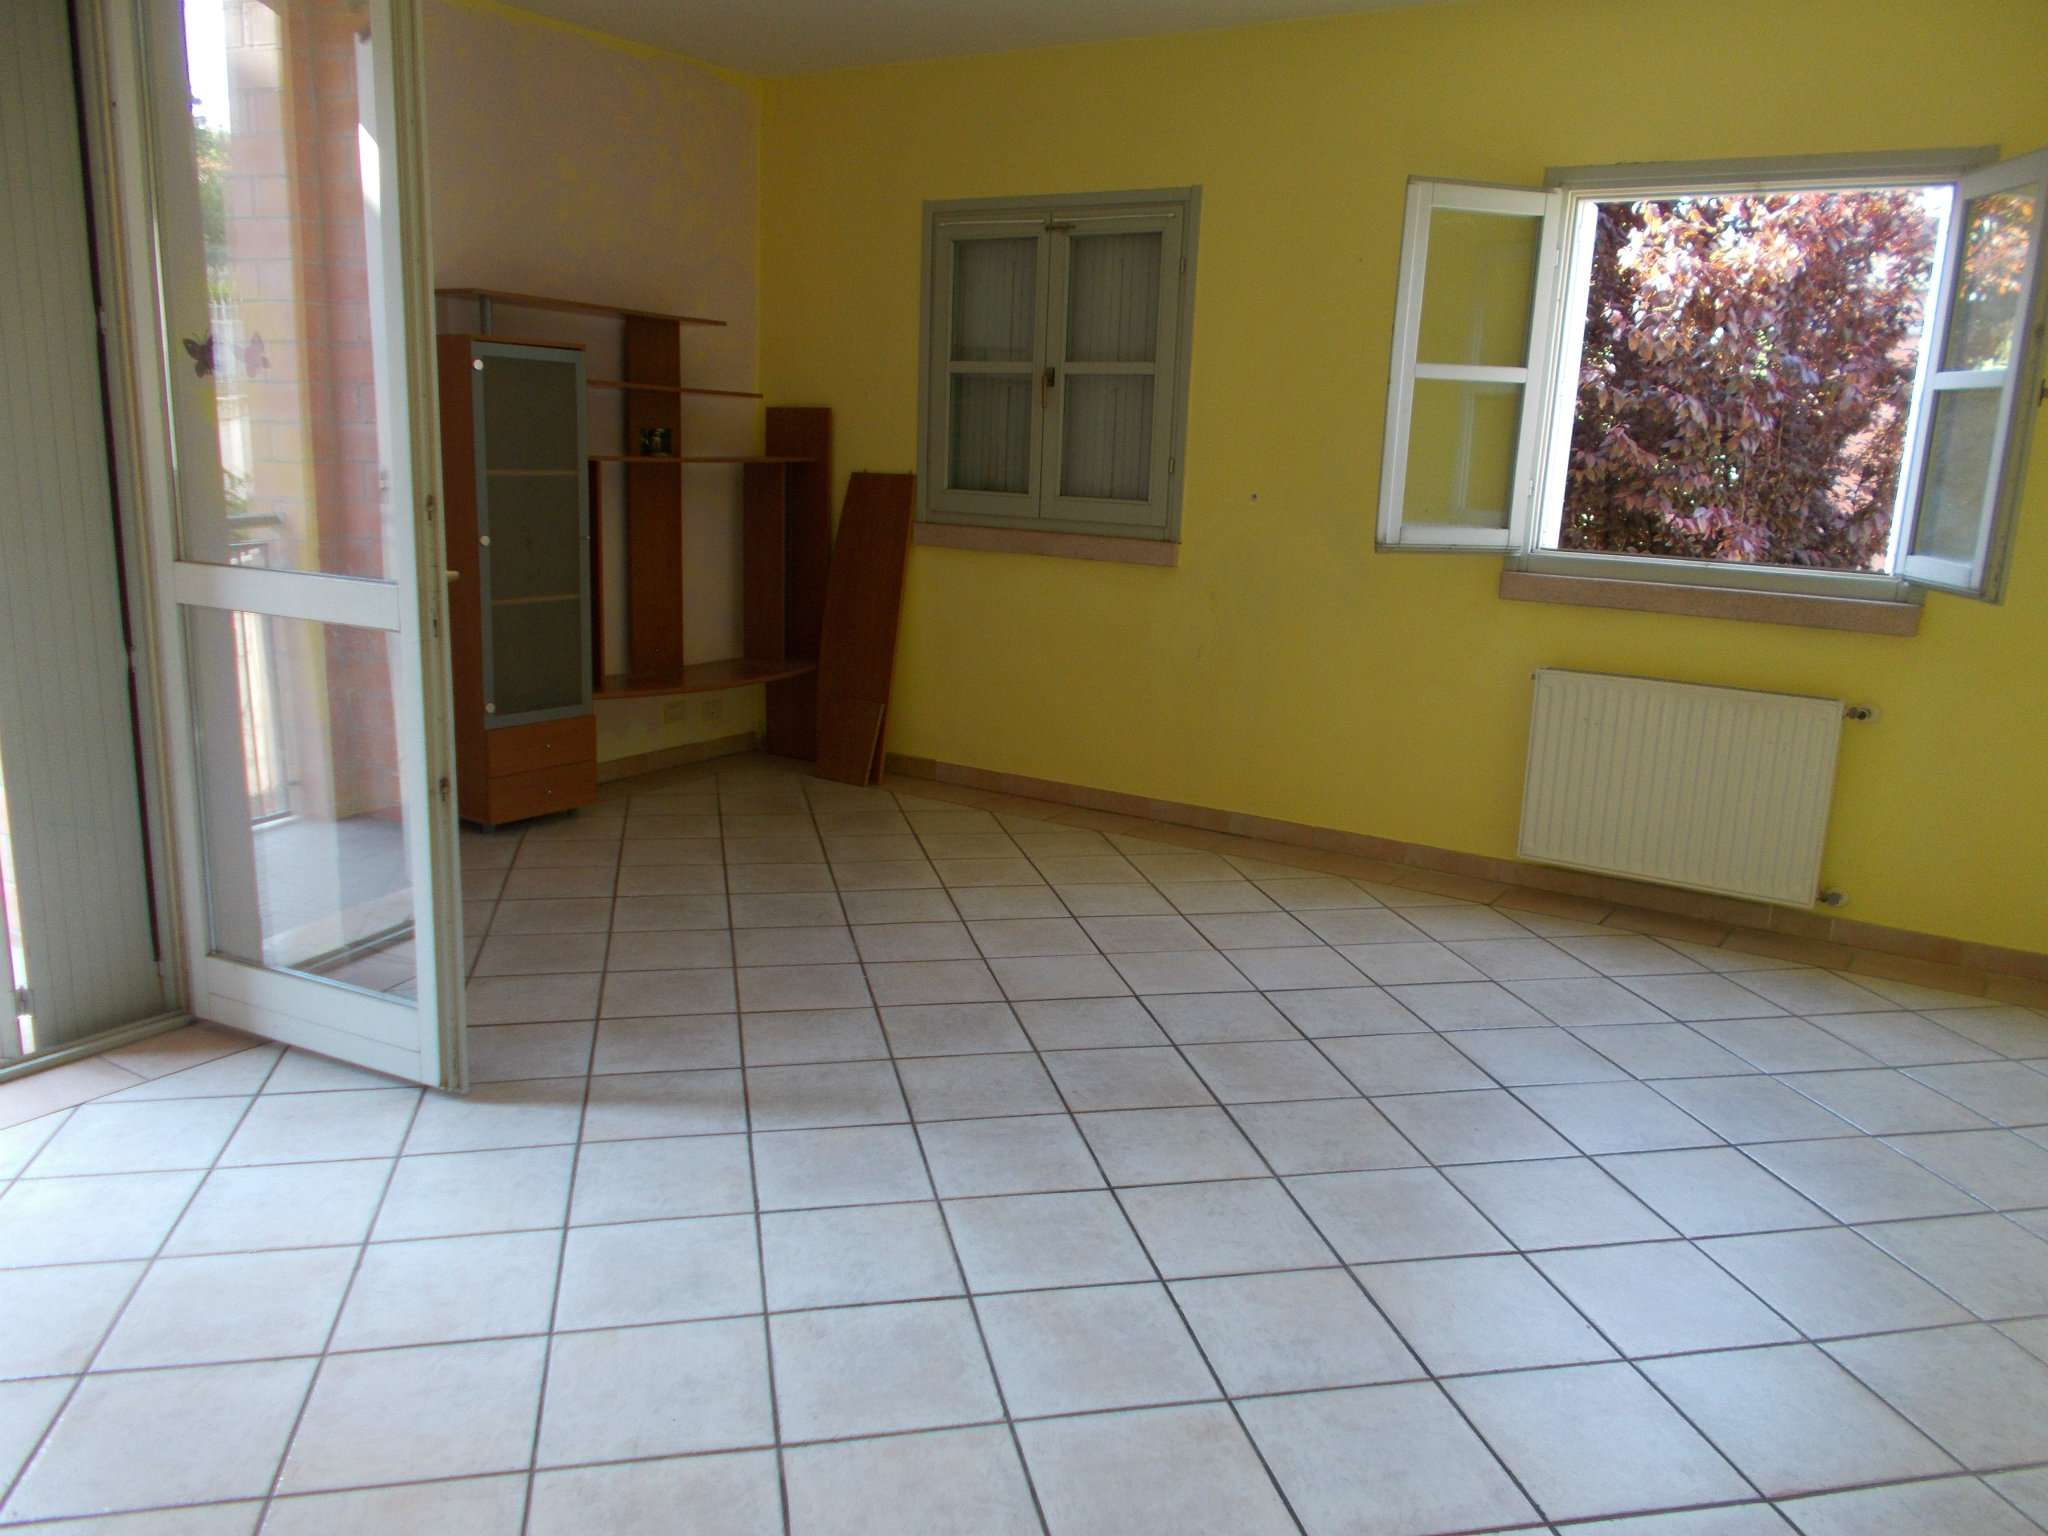 Appartamento in vendita a Canossa, 2 locali, prezzo € 53.000 | CambioCasa.it